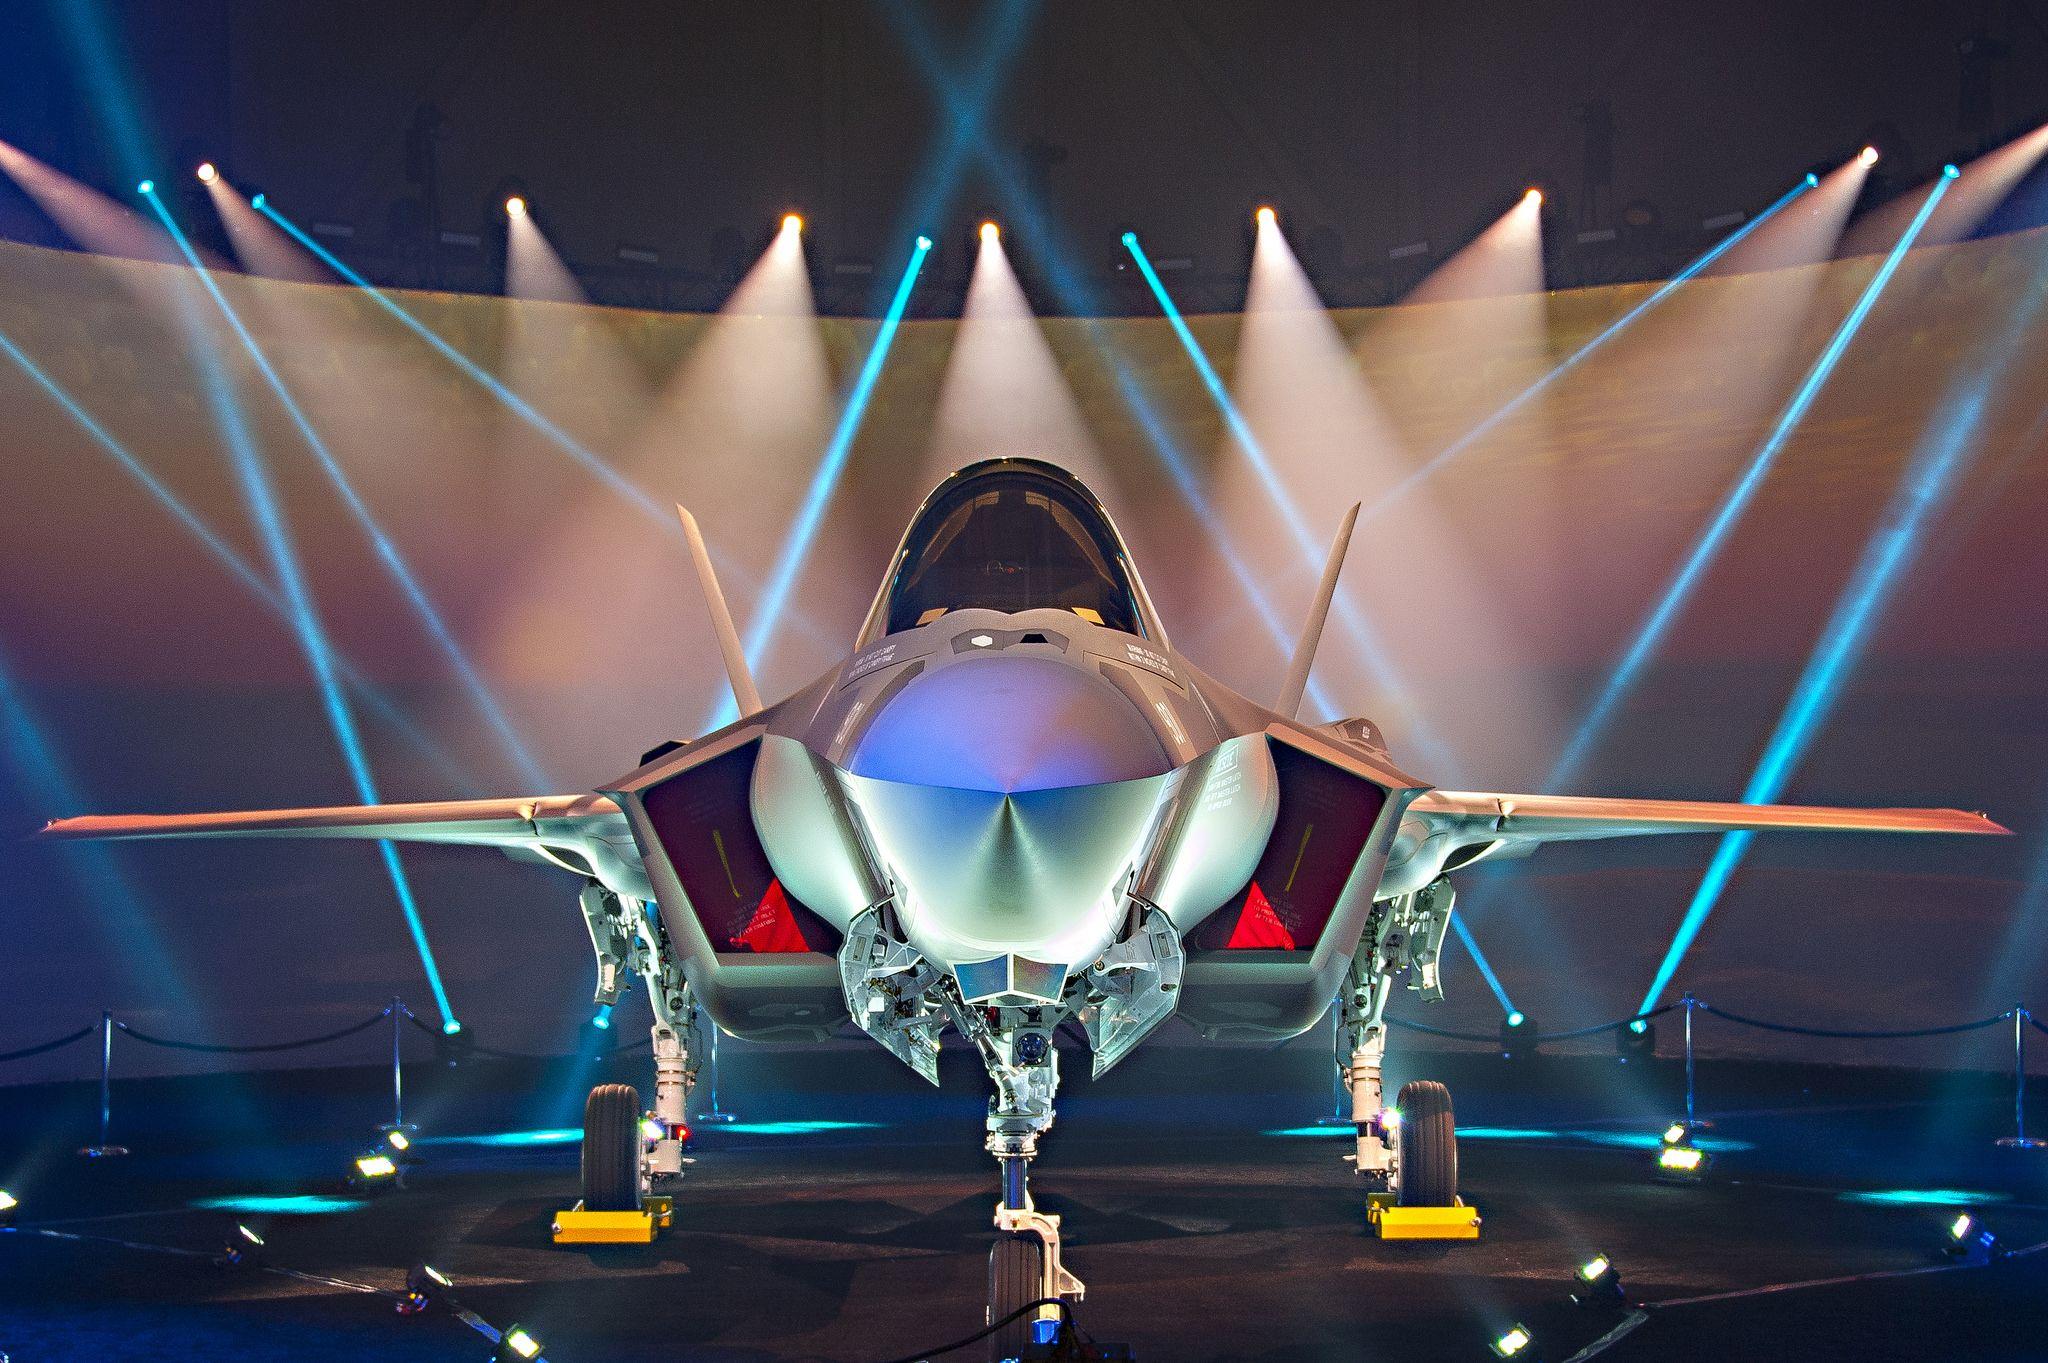 土耳其坚持购俄S400防空系统 美国:F-35不给了